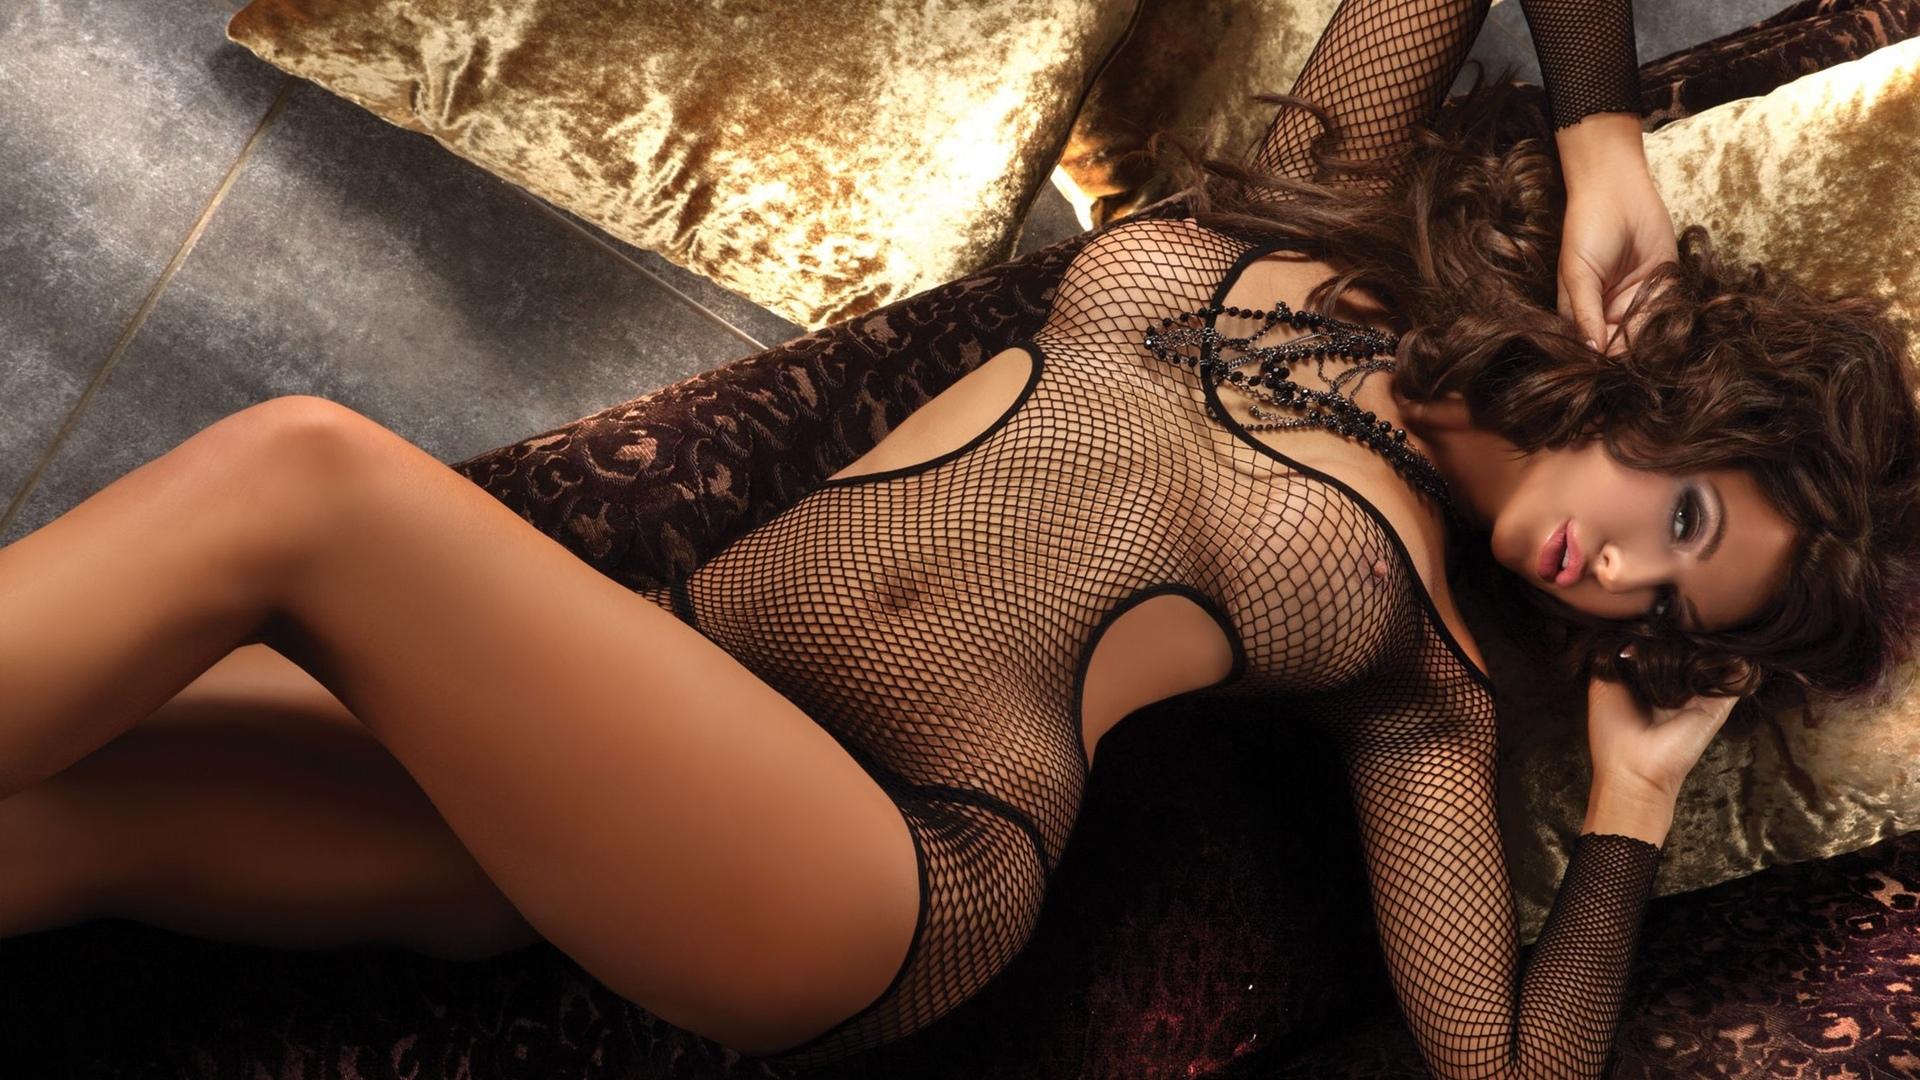 Эротическое фото с украшениями 22 фотография